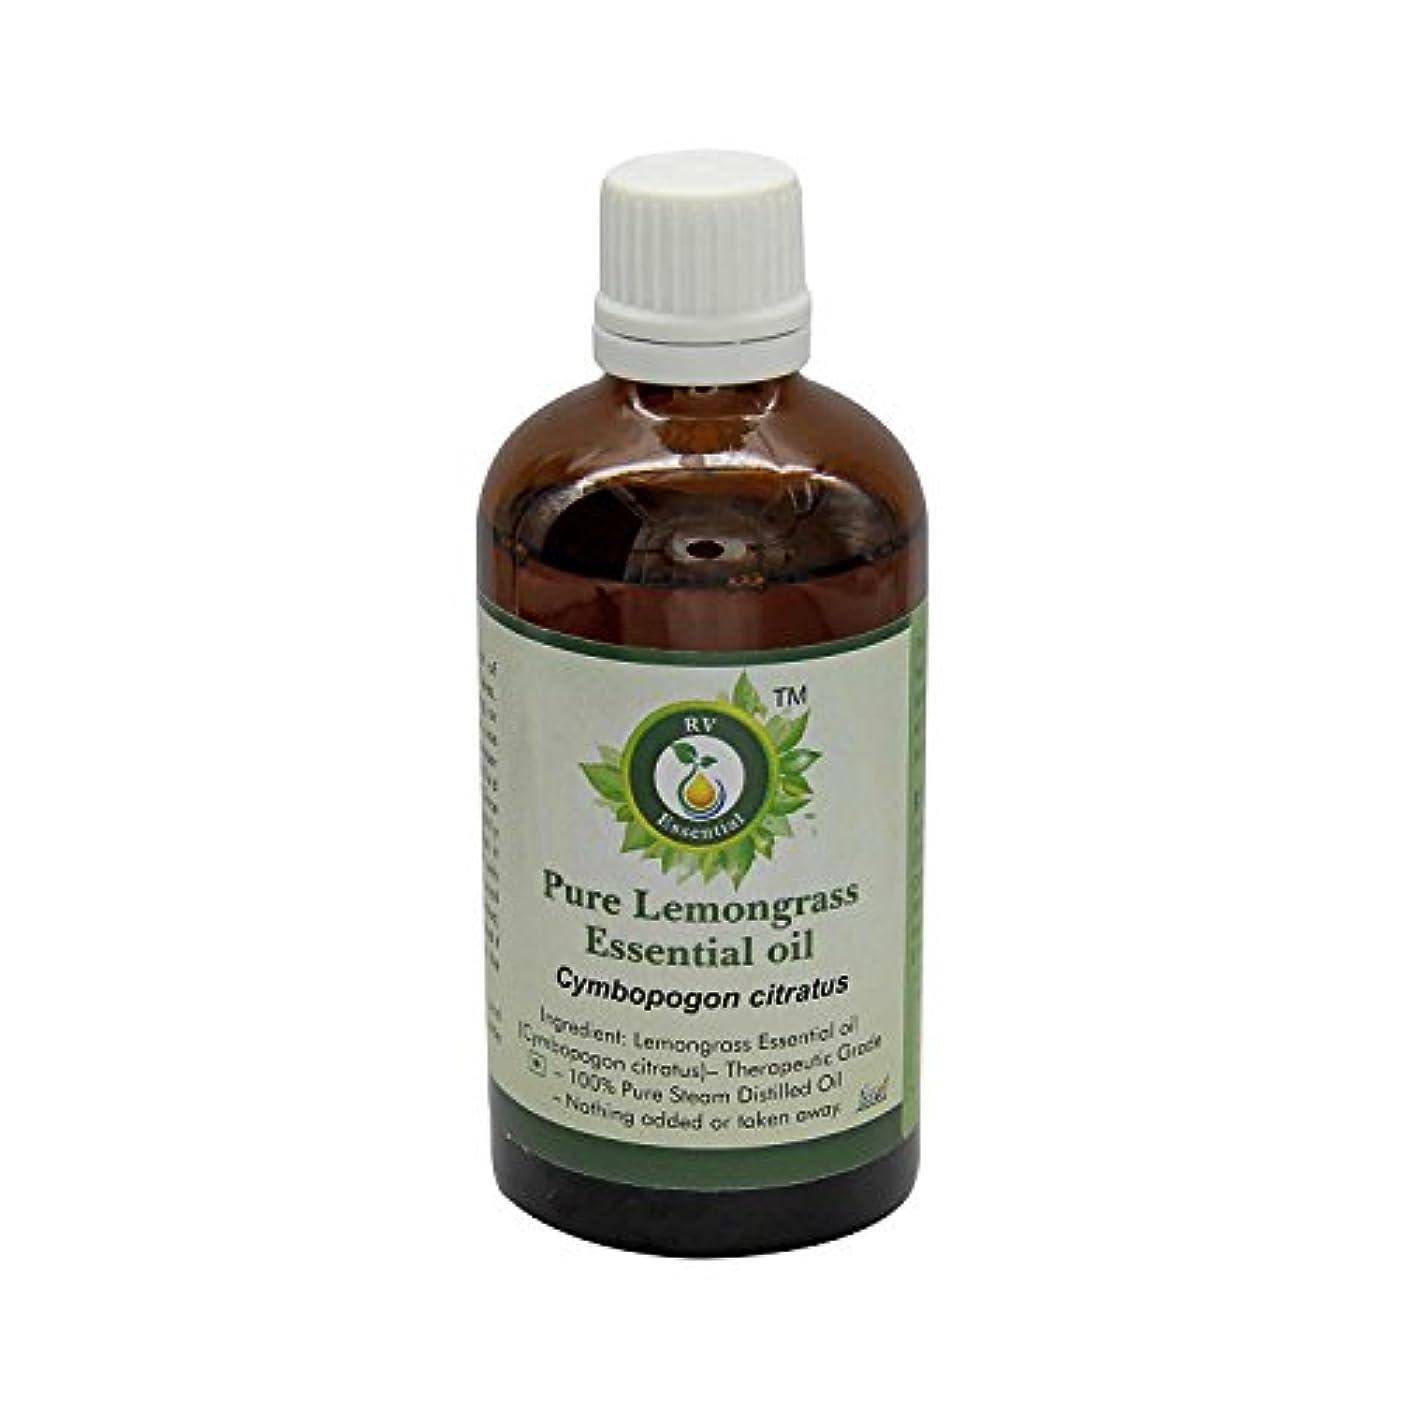 ペインティング続けるストレスの多いR V Essential ピュアレモングラスエッセンシャルオイル100ml (3.38oz)- Cymbopogon Citratus (100%純粋&天然スチームDistilled) Pure Lemongrass...